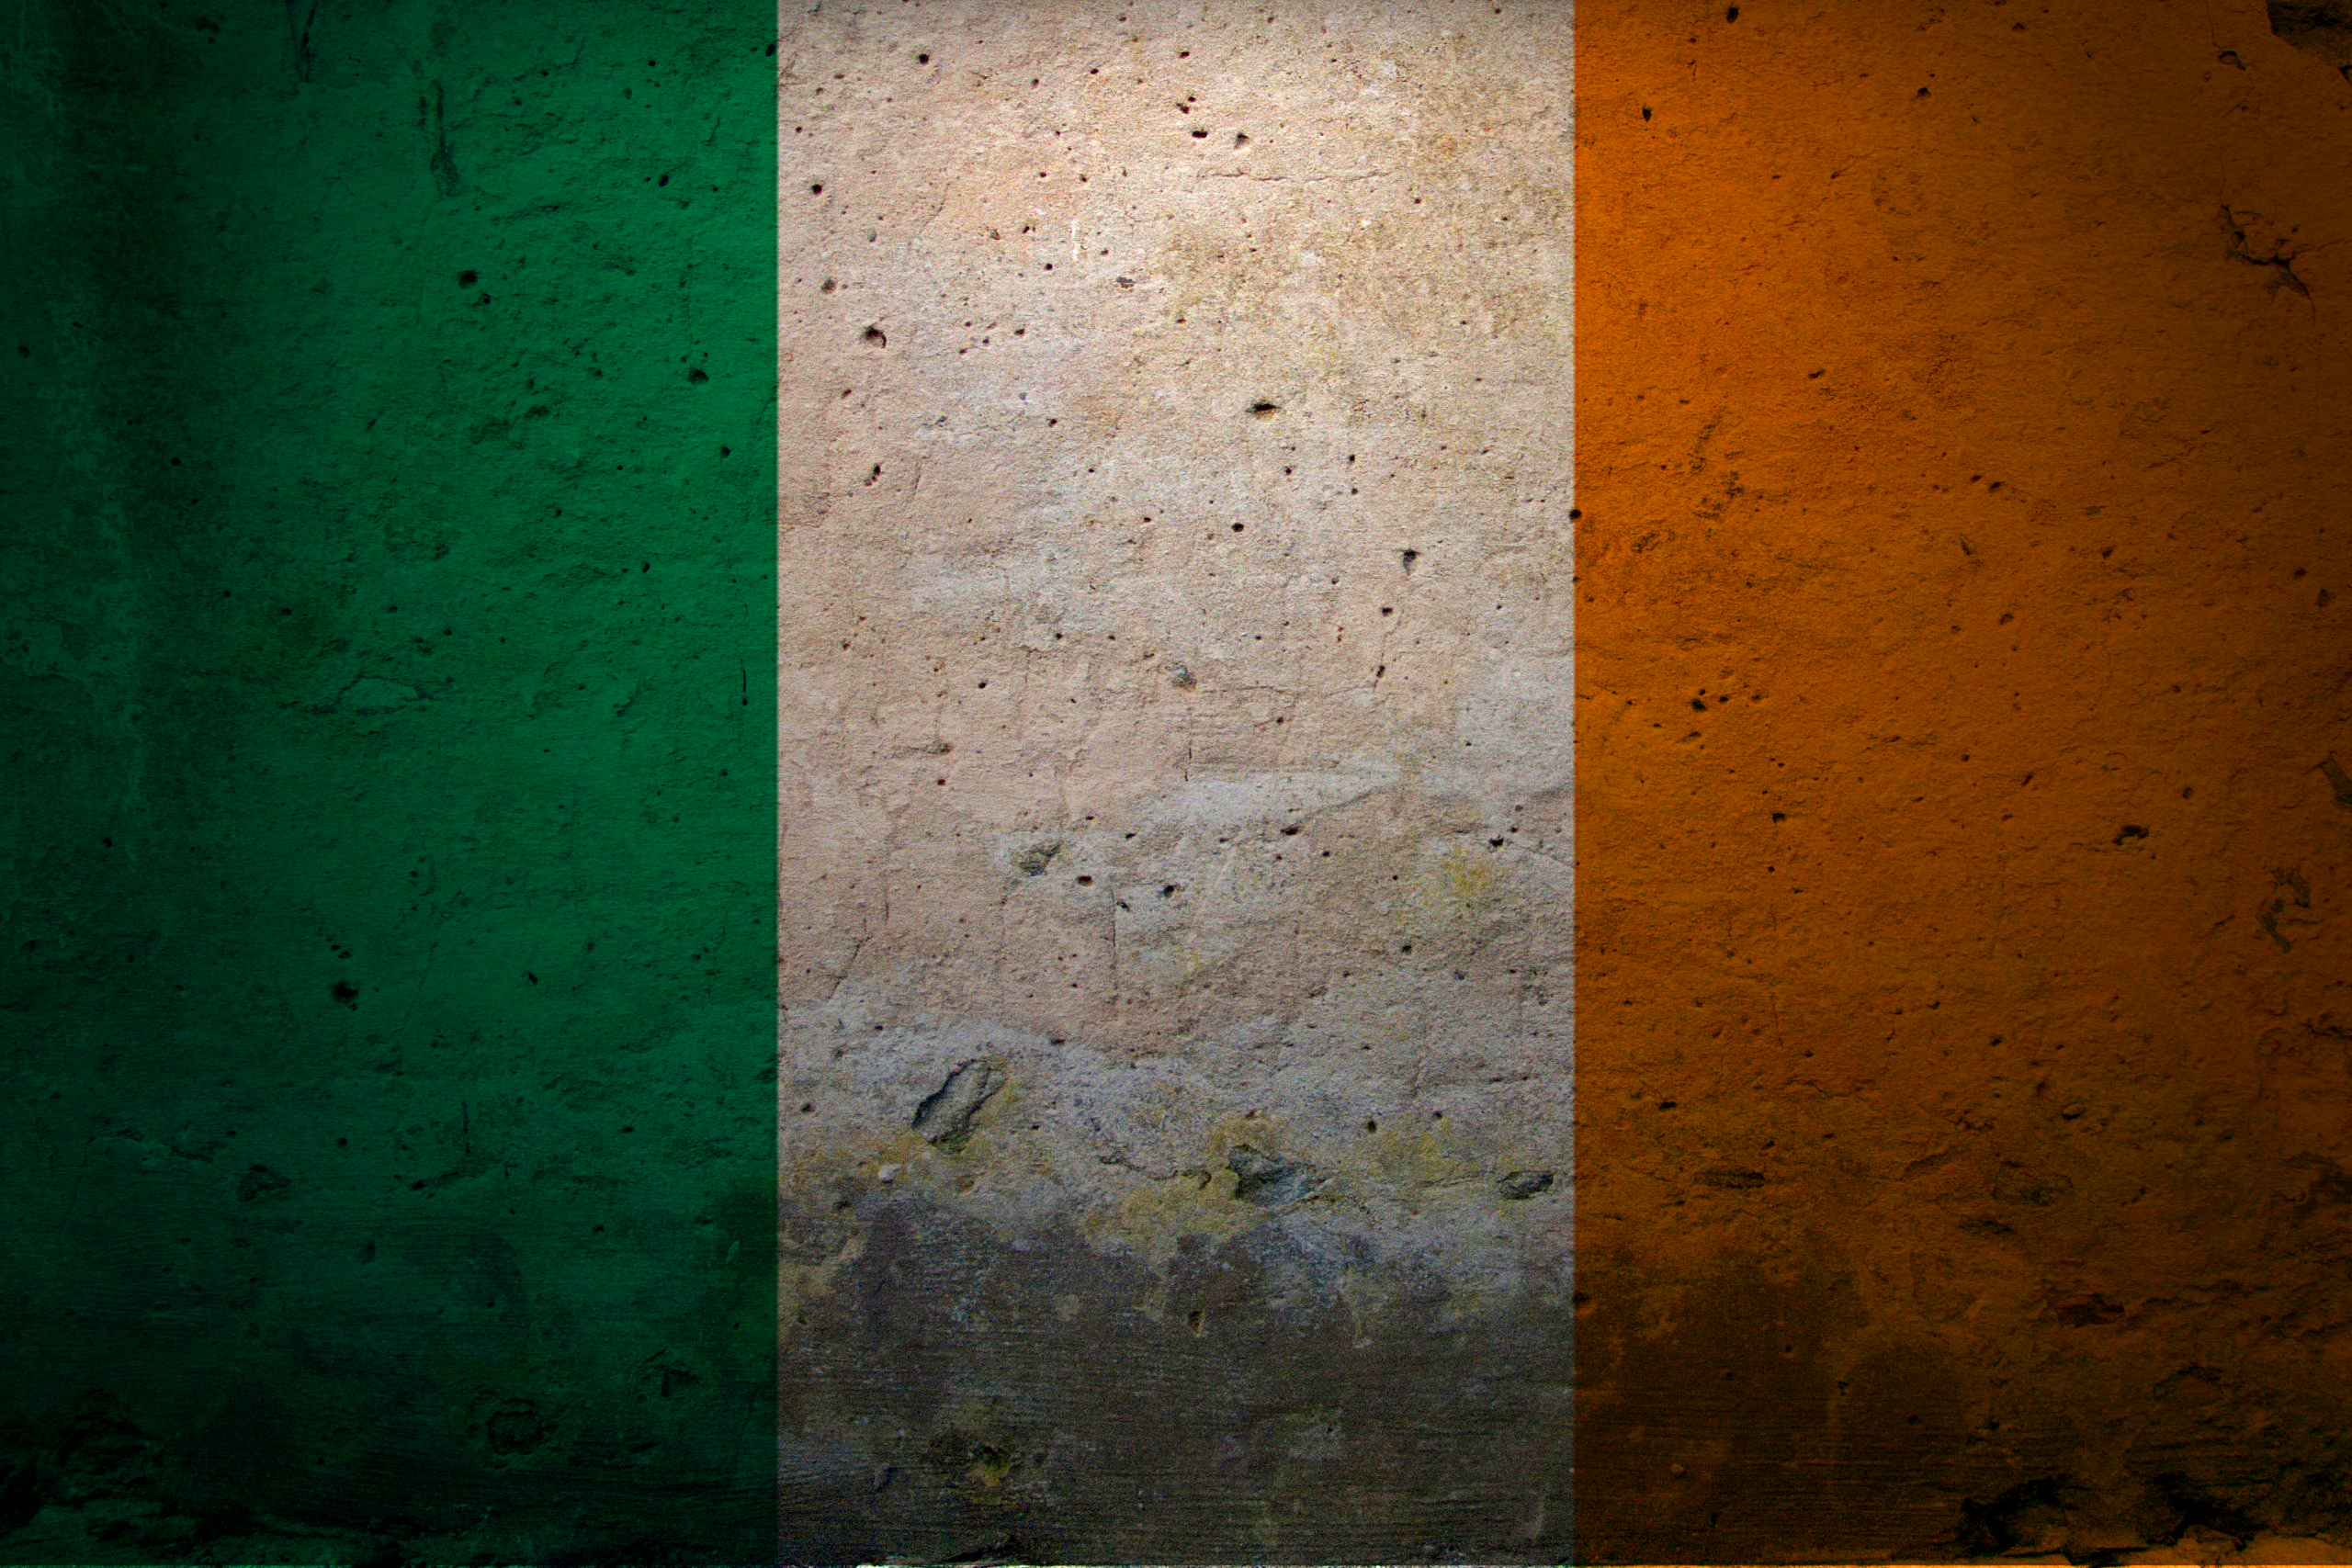 Flag Of Ireland Computer Wallpapers Desktop Backgrounds 2560x1707 2560x1707